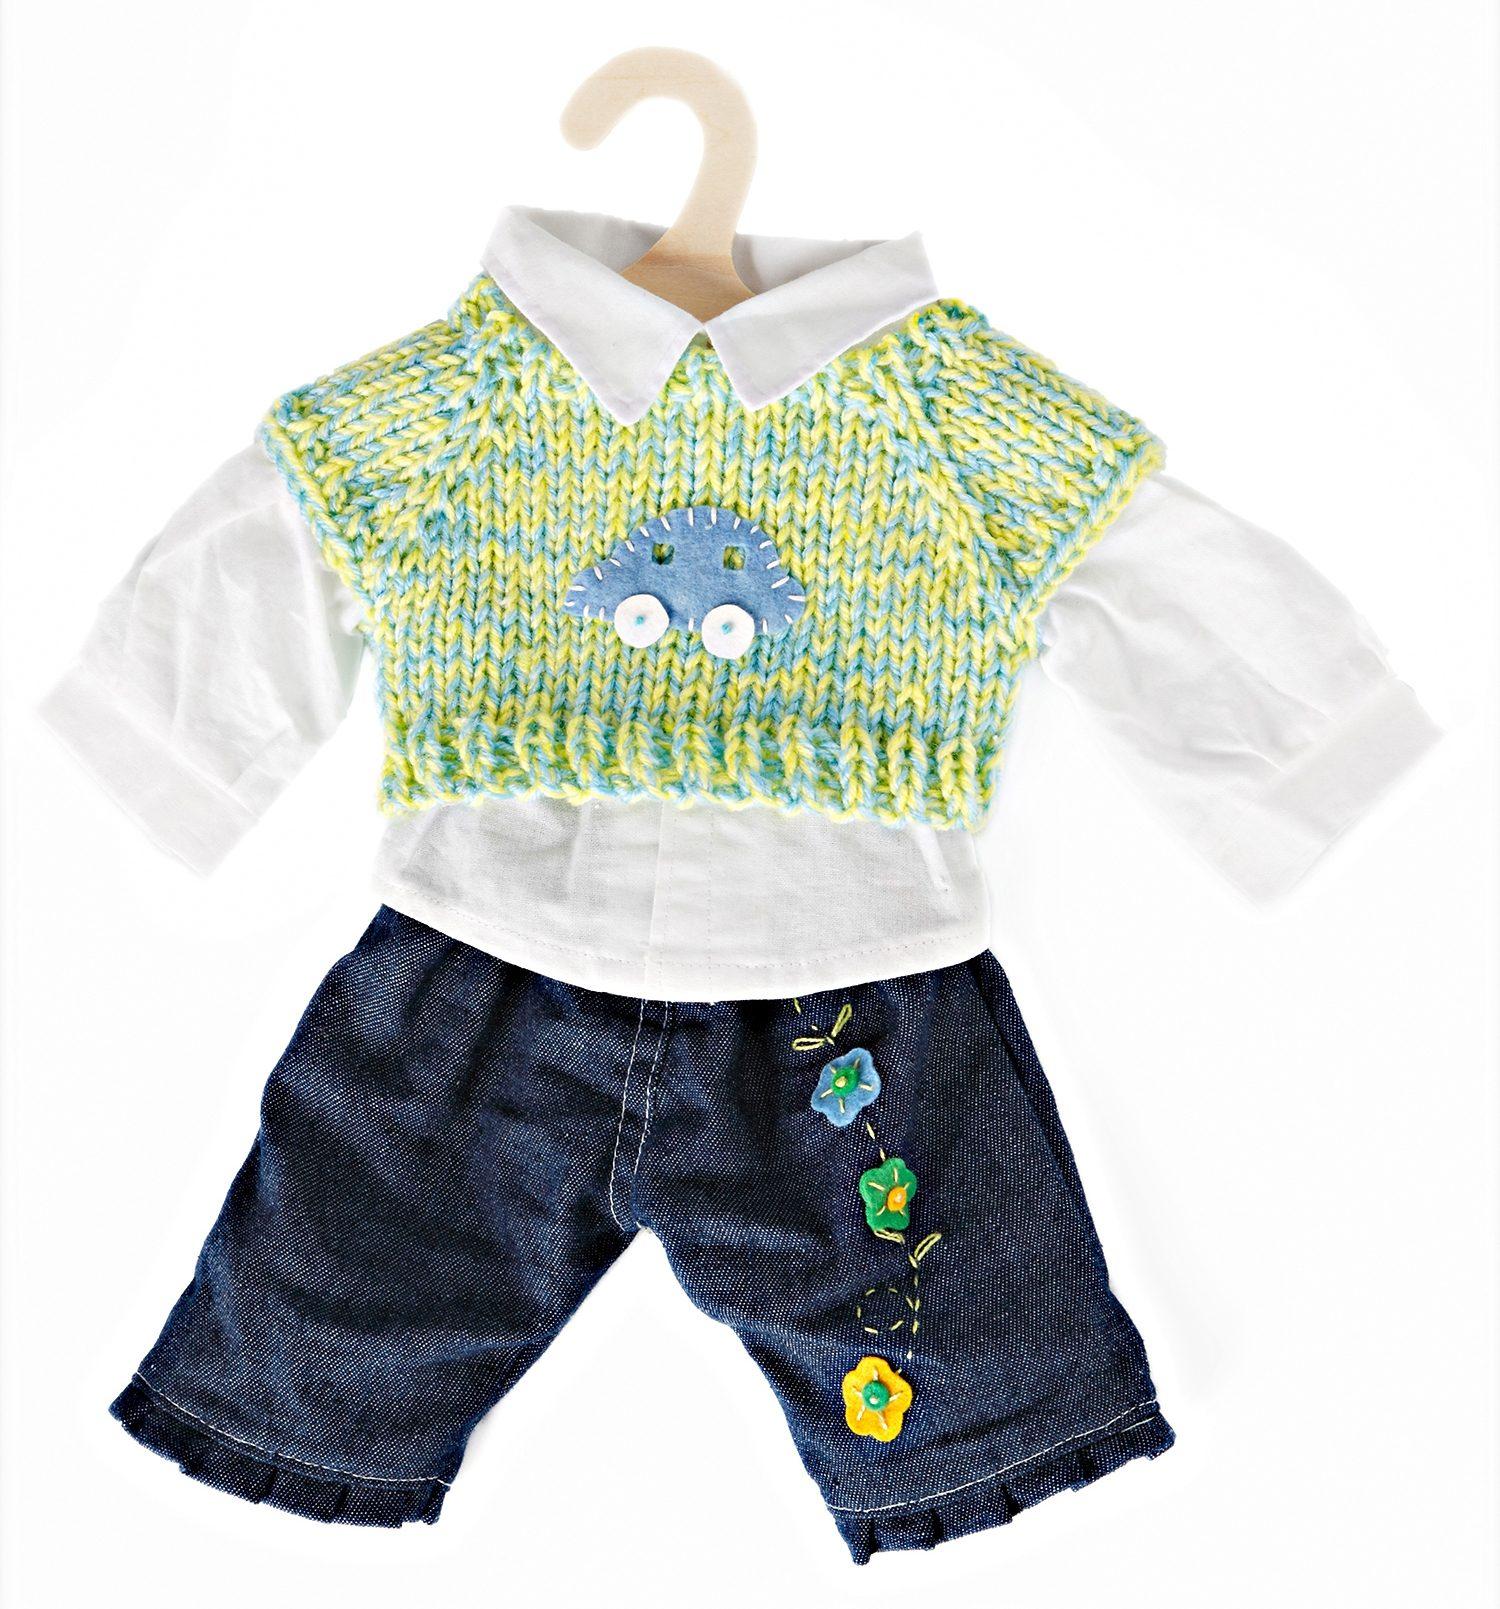 Puppen & Zubehör Babypuppen & Zubehör Heless Puppenkleidung Jacke mit Jeans in 2 Größen